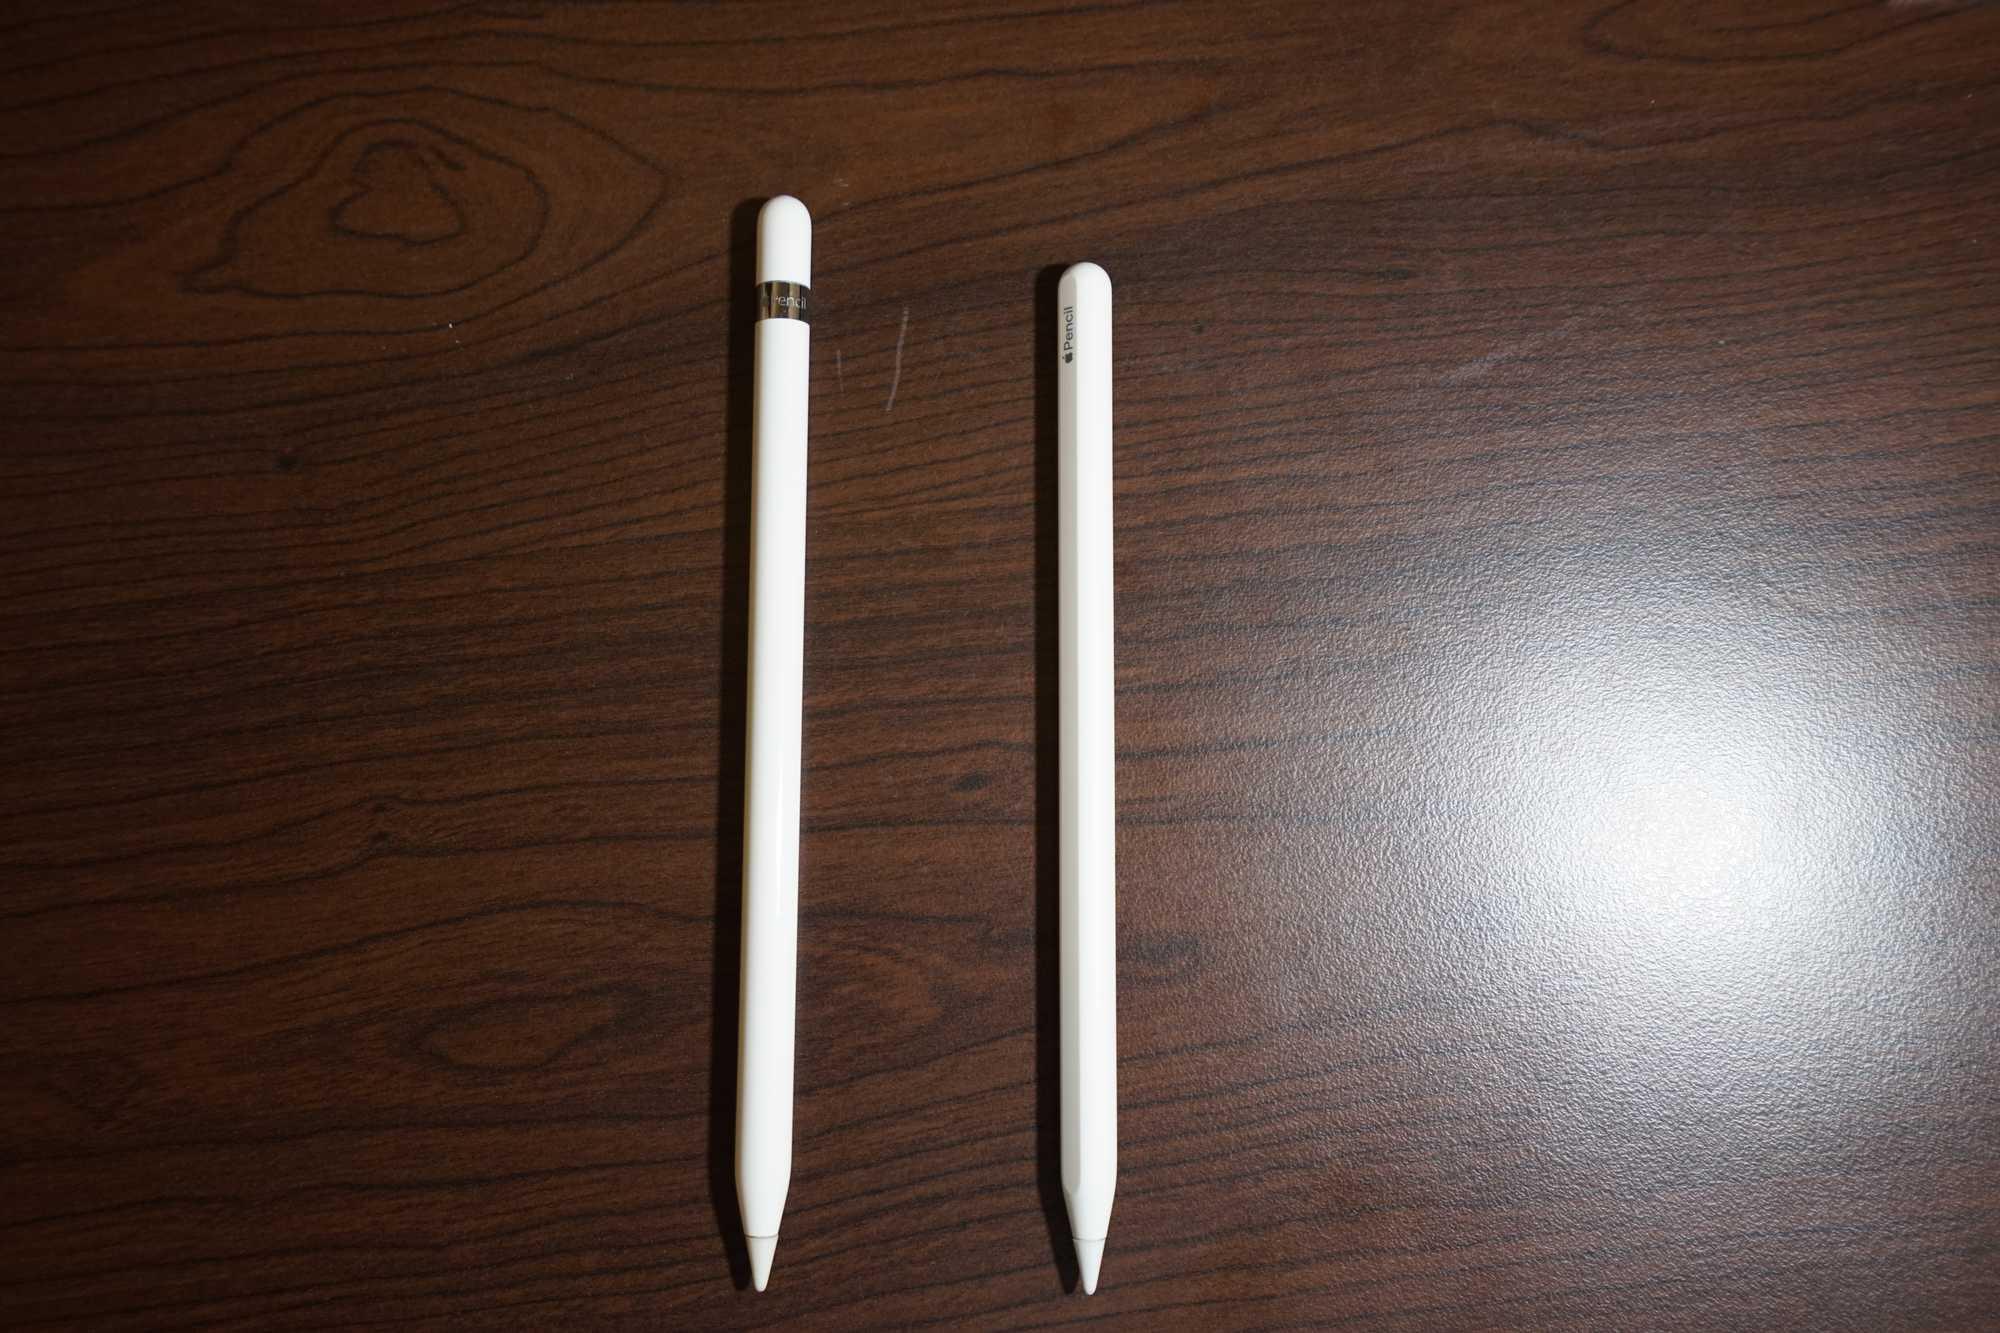 Apple Pencil 1 & 2 Compare